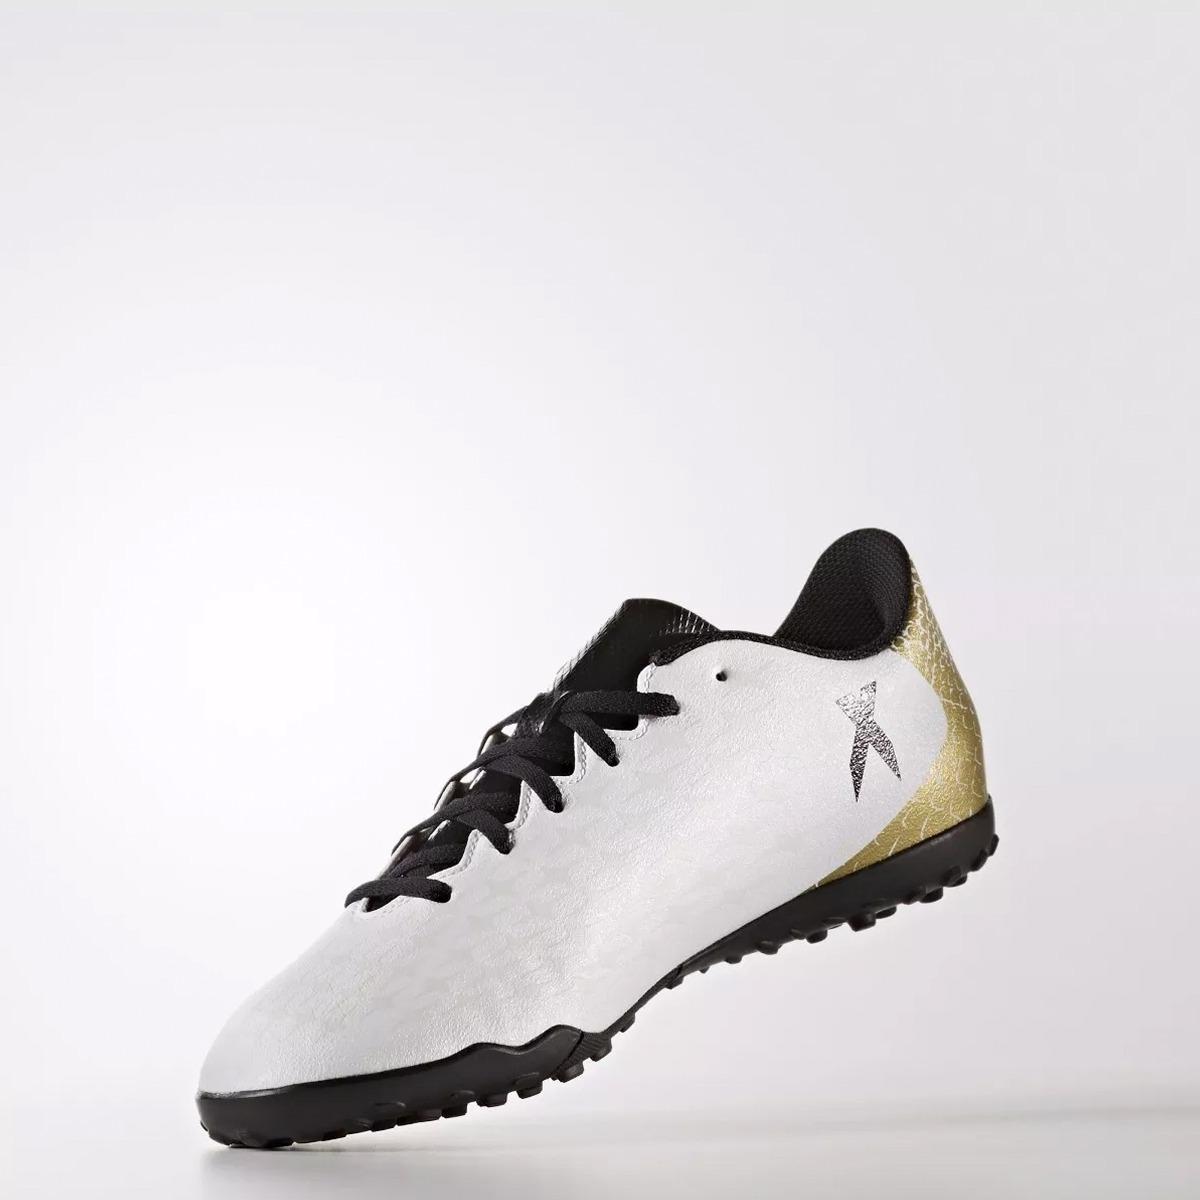 e659ab2e3956e zapatos futbol soccer pasto sintetico x 16.4 turf adidas. Cargando zoom.